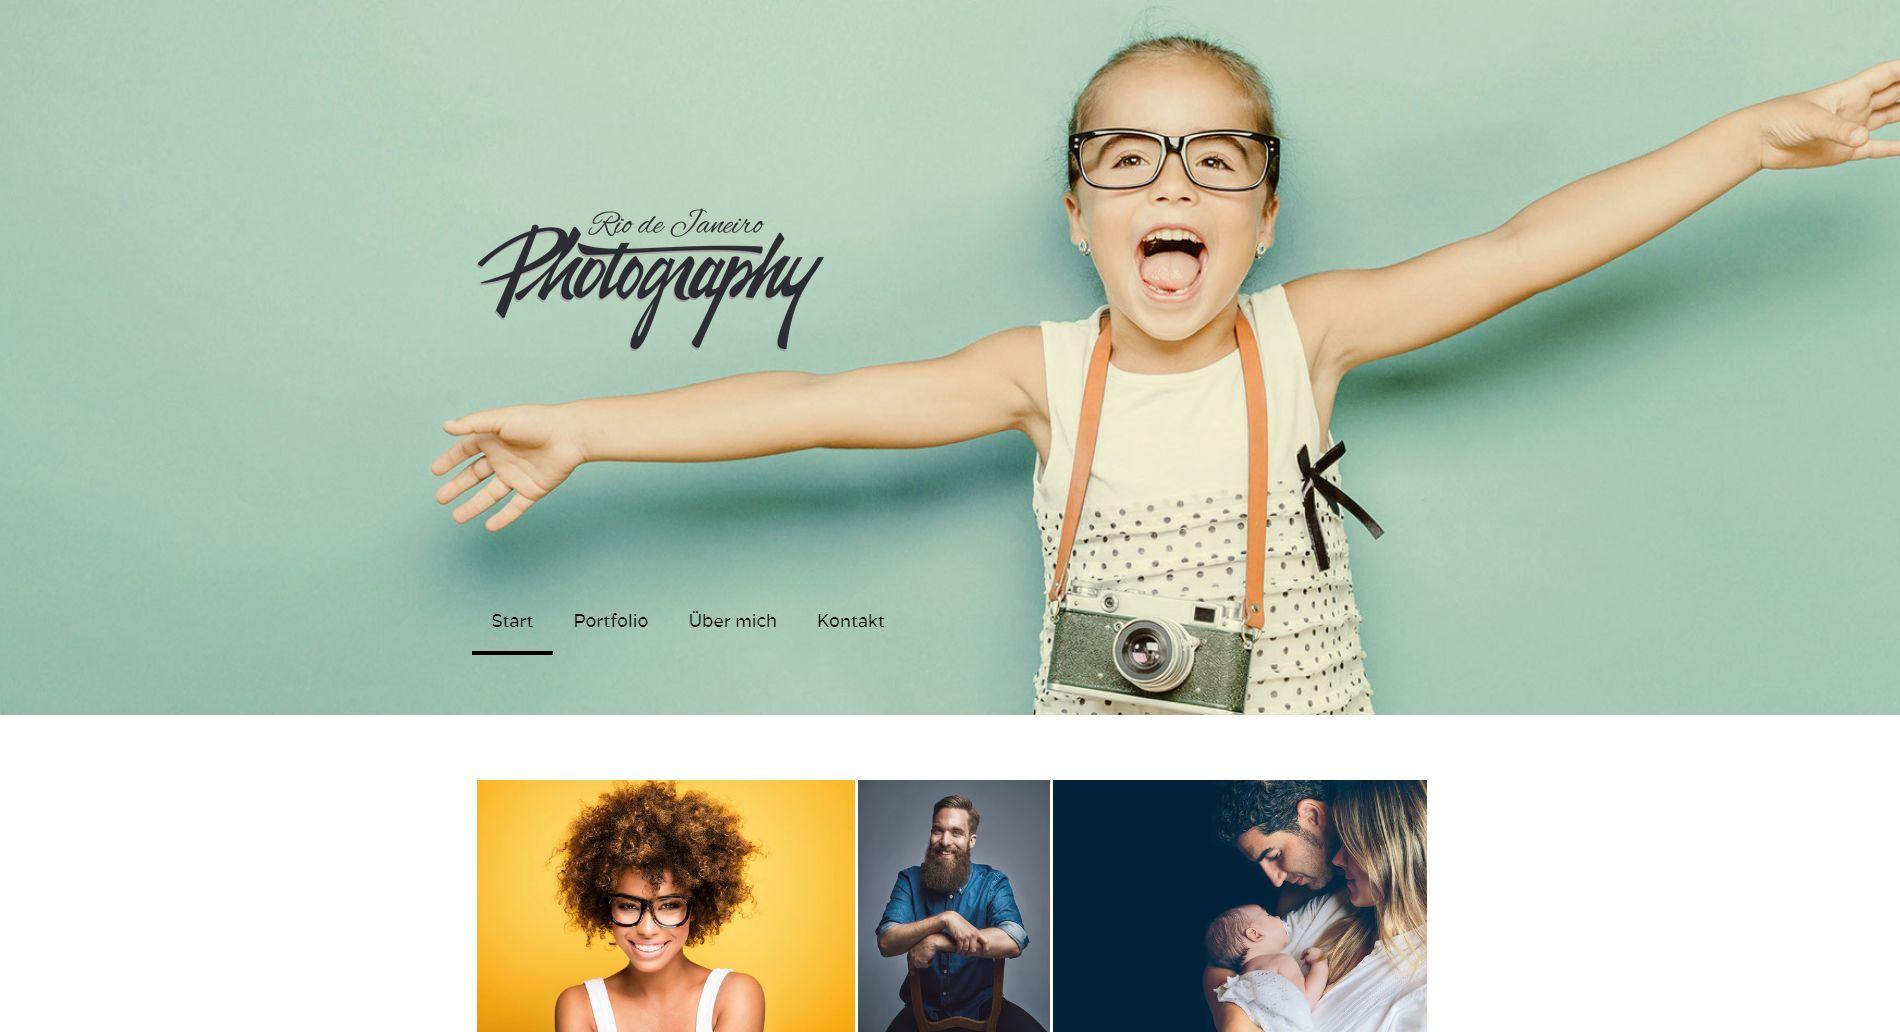 Fotoblog erstellen (2019): Jimdo Beispieltemplate 2